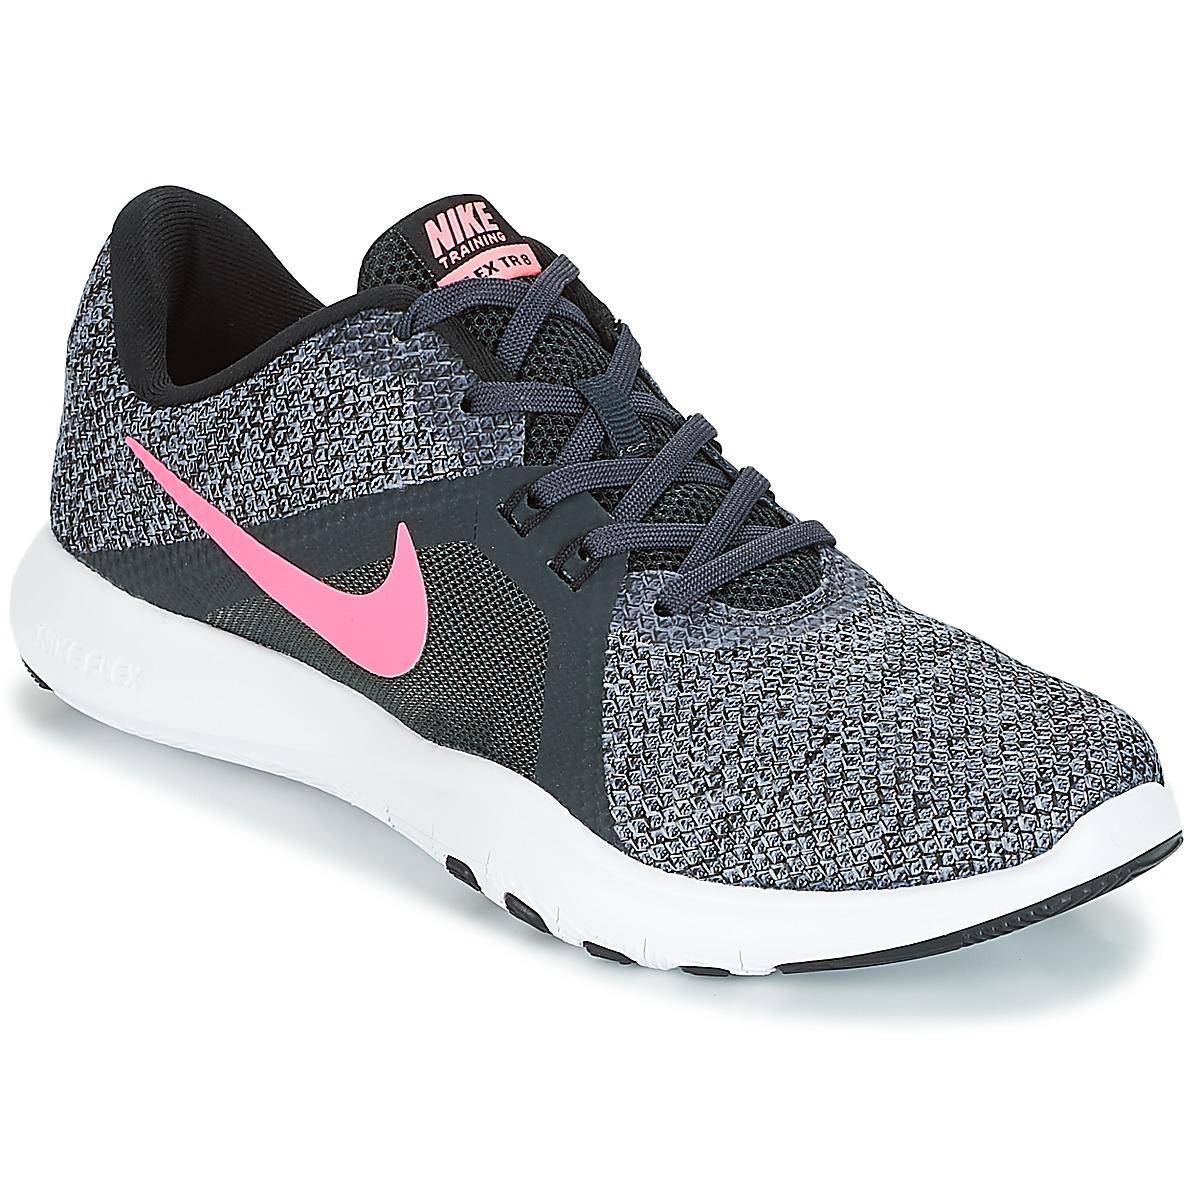 07d6625d14 Nike Flex Tr 8 W Trainers in Black - Lyst